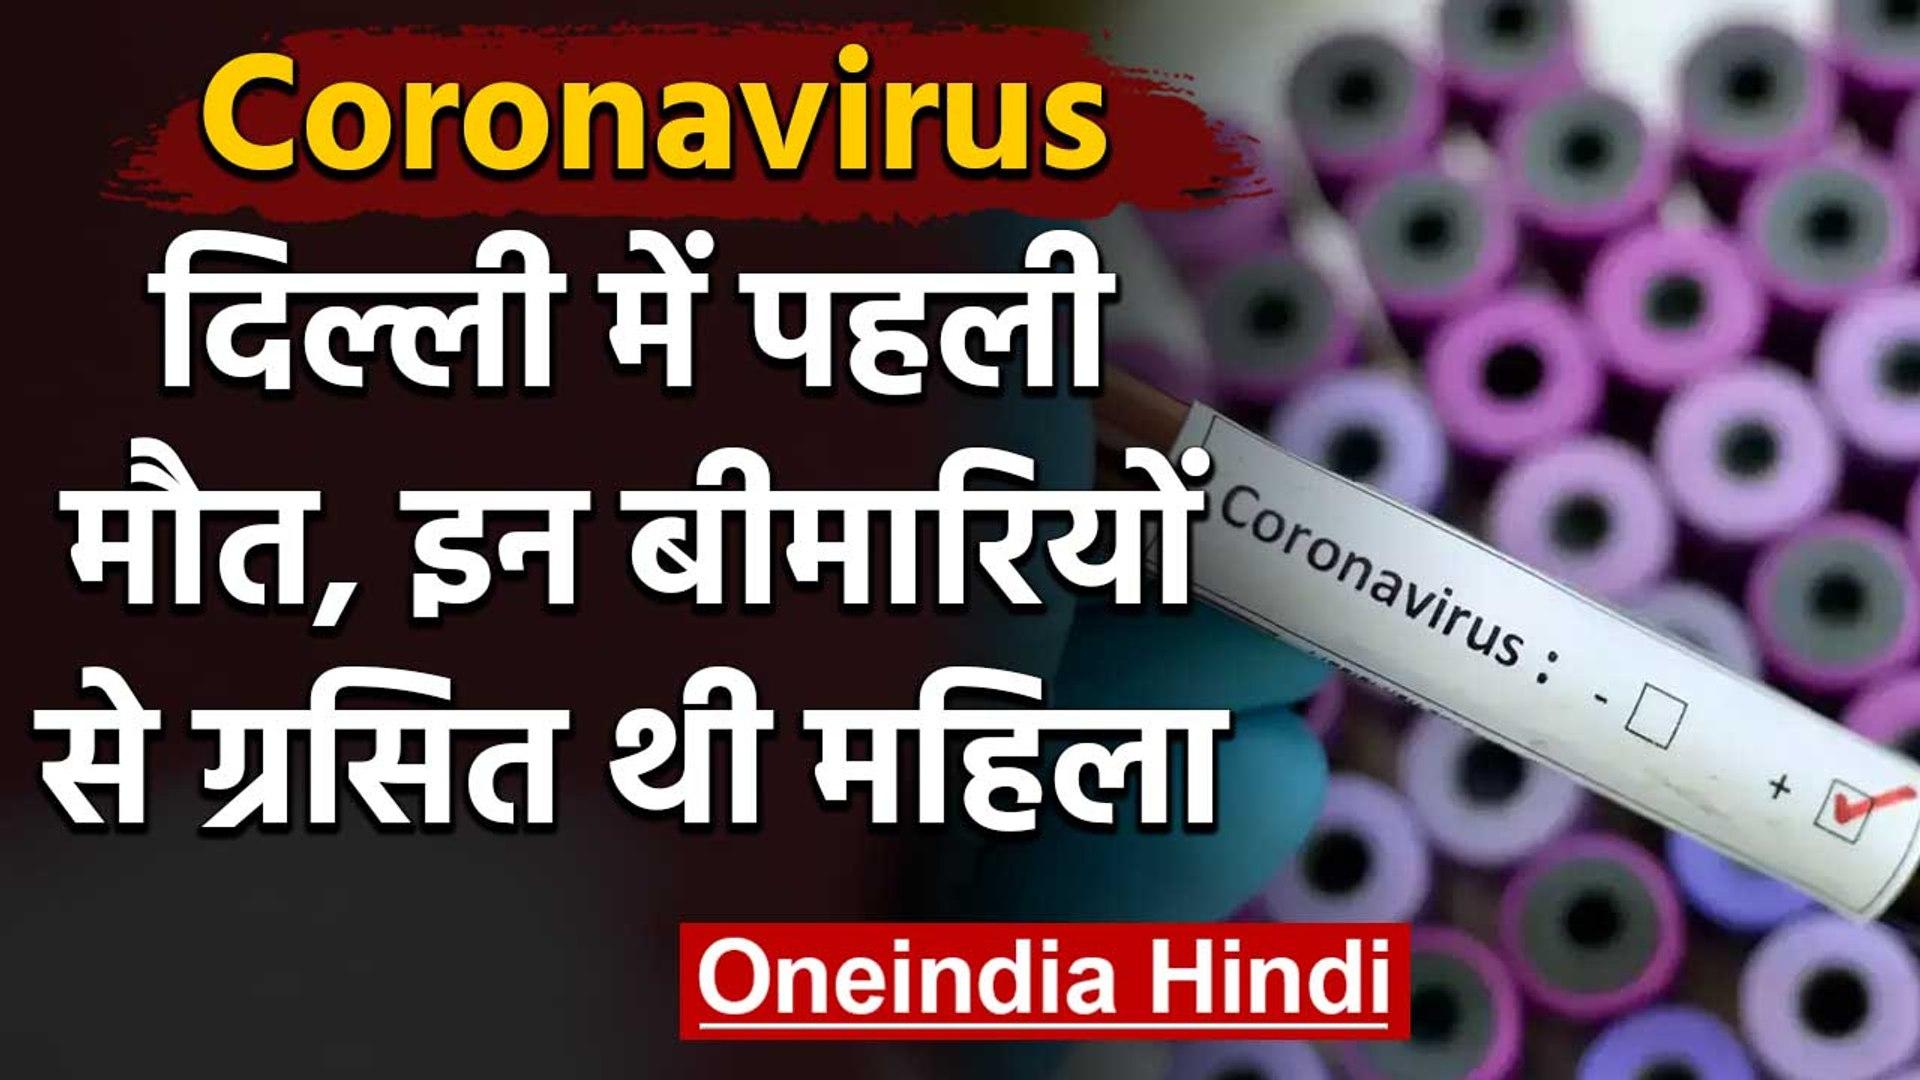 Corona Virus से Delhi में जिस महिला की हुई मौत, इन बीमारियों से थी ग्रसित   वनइंडिया हिंदी